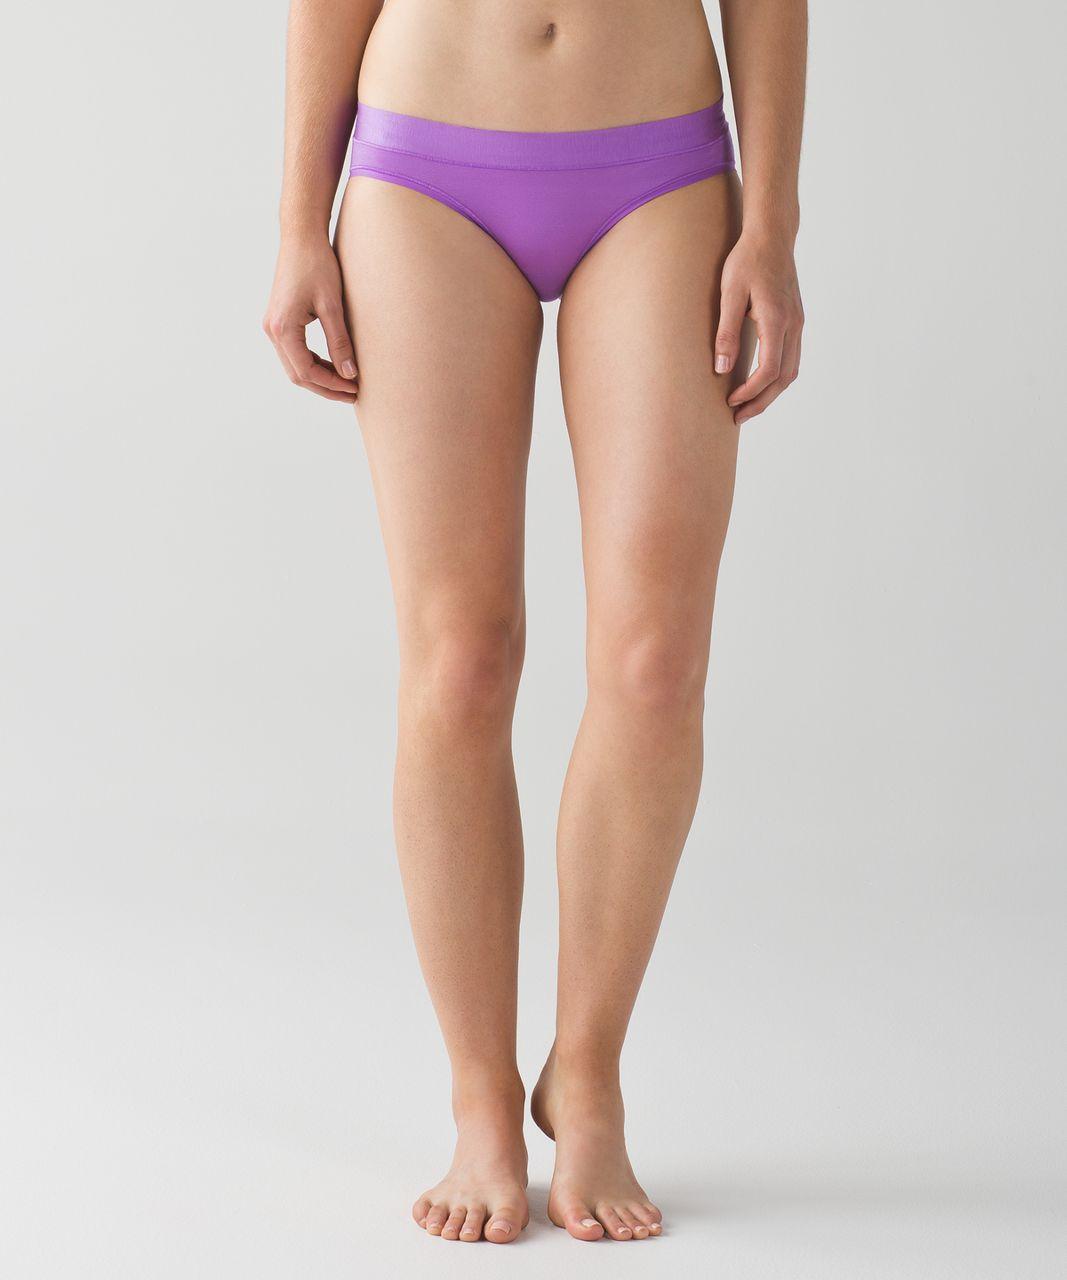 Lululemon Mula Bandhawear Bikini - Moonlit Magenta